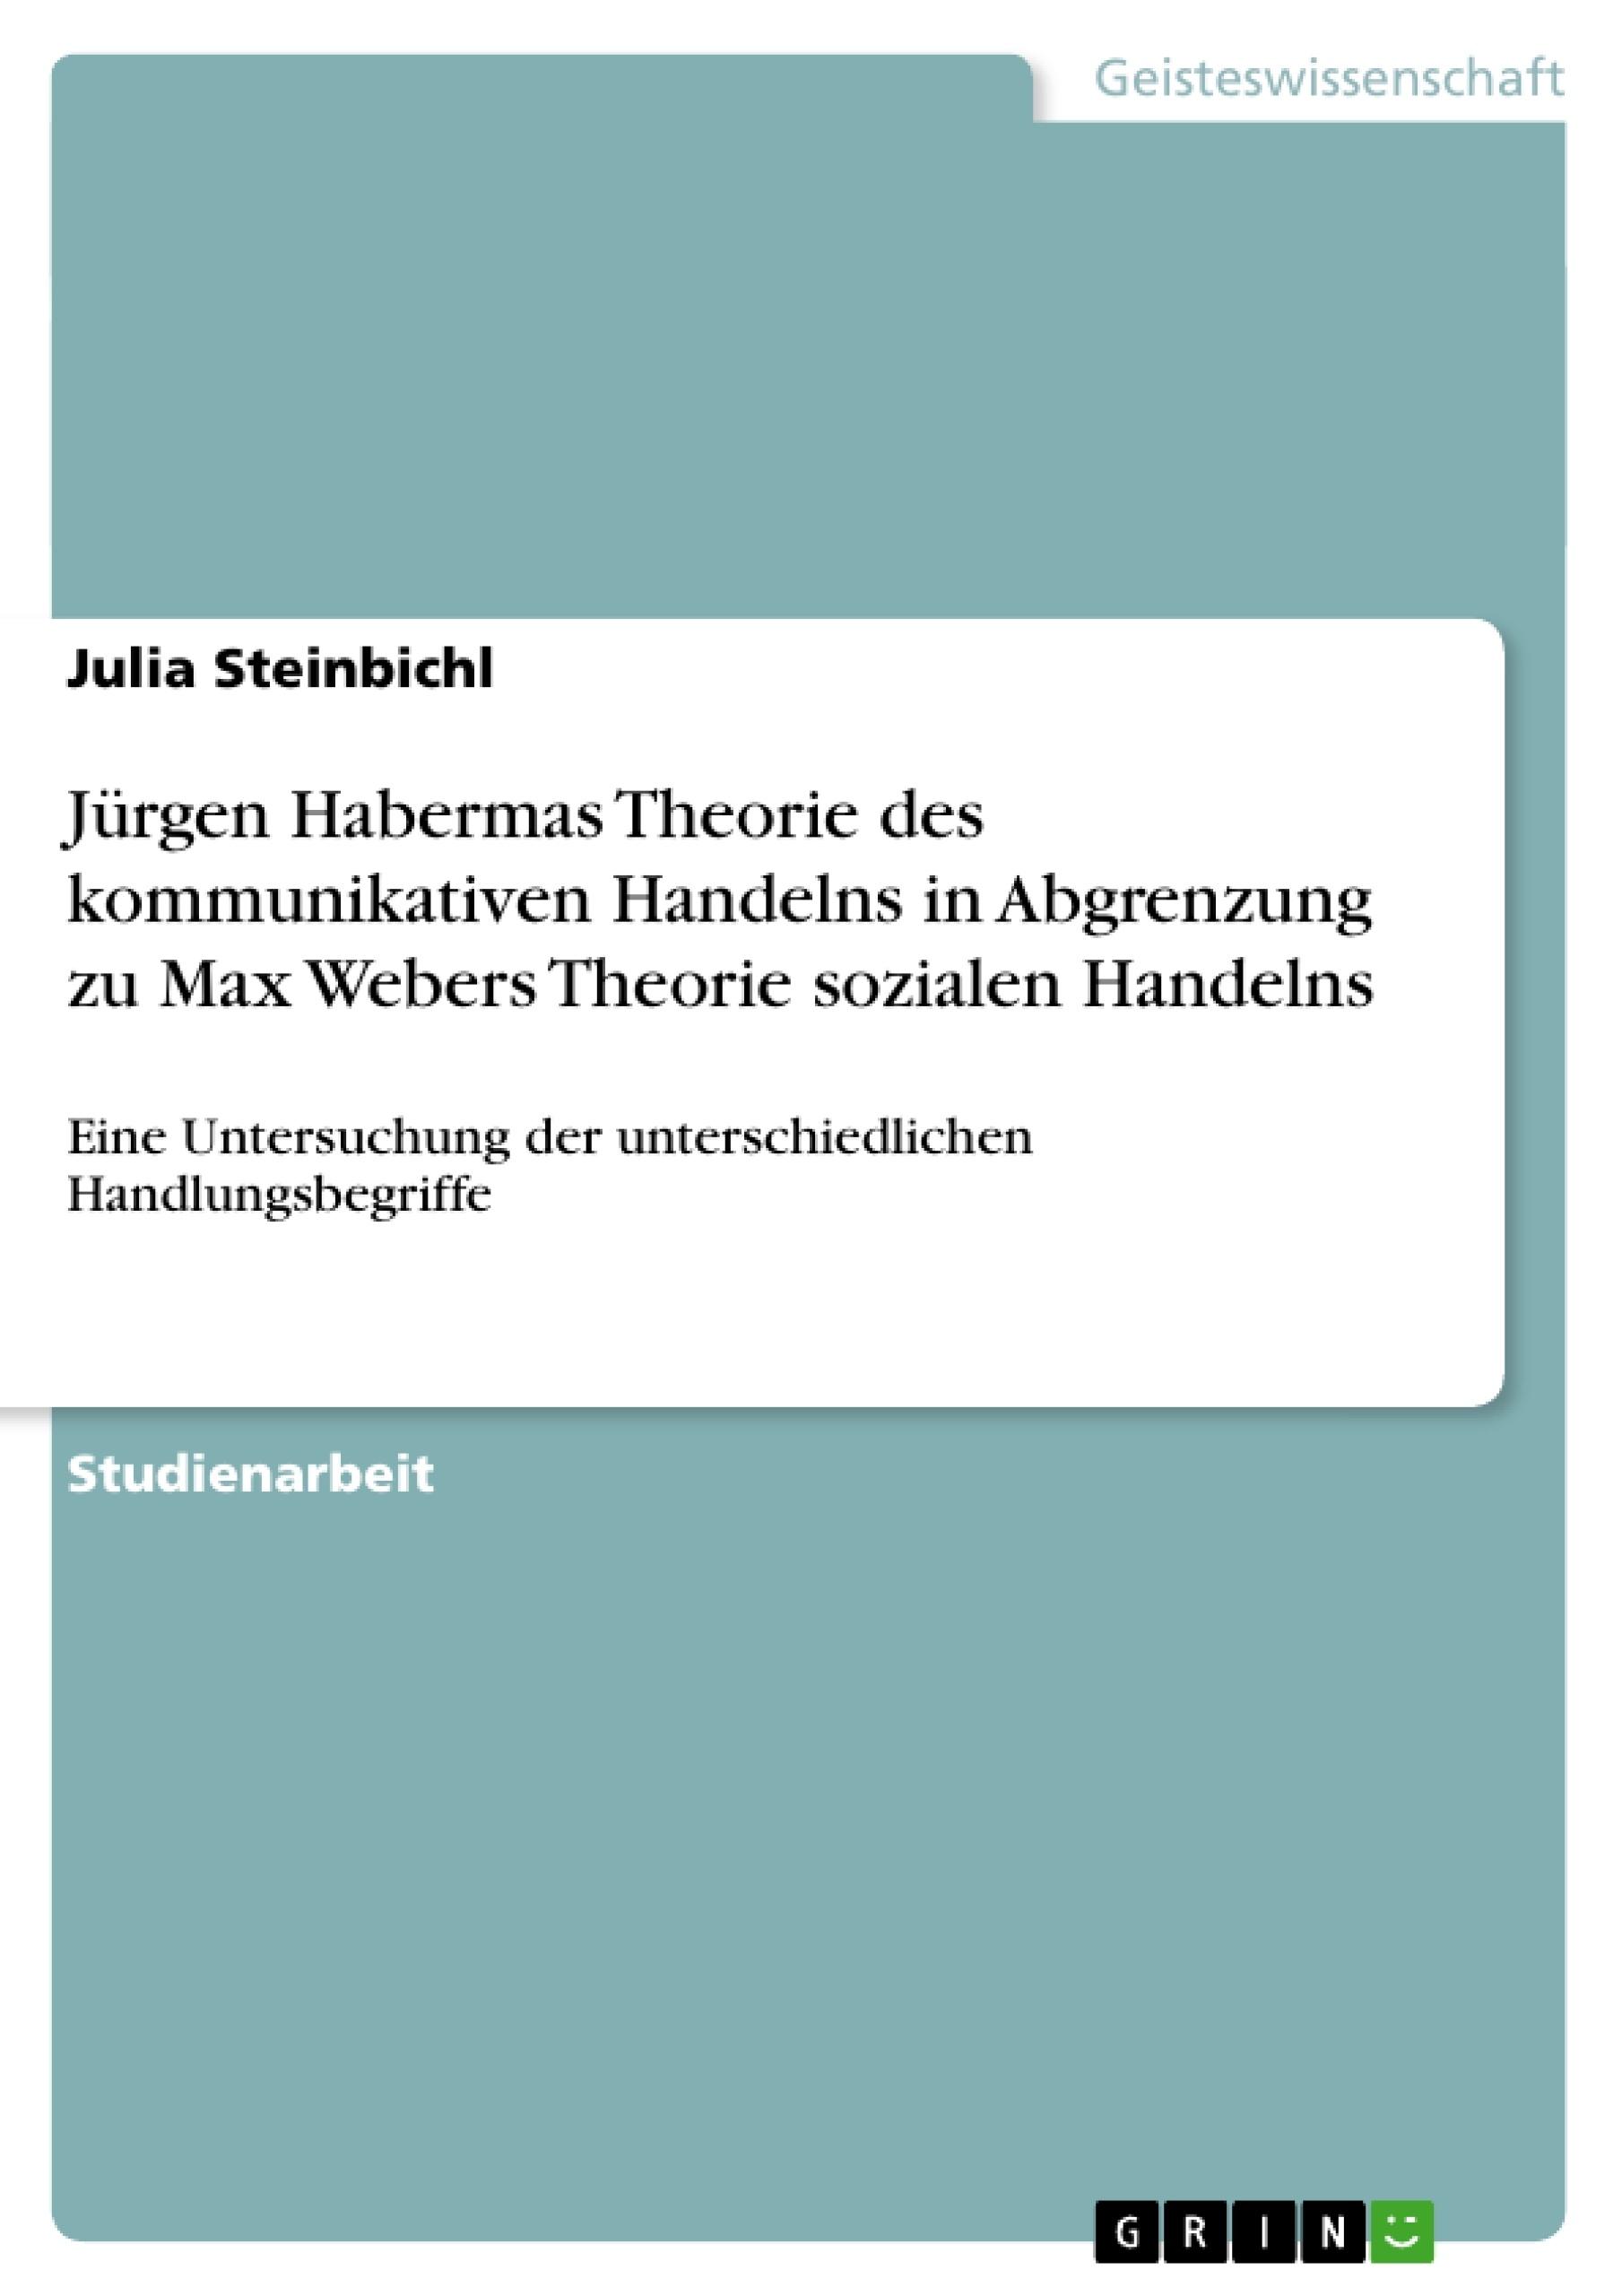 Titel: Jürgen Habermas Theorie des kommunikativen Handelns in Abgrenzung zu Max Webers Theorie sozialen Handelns